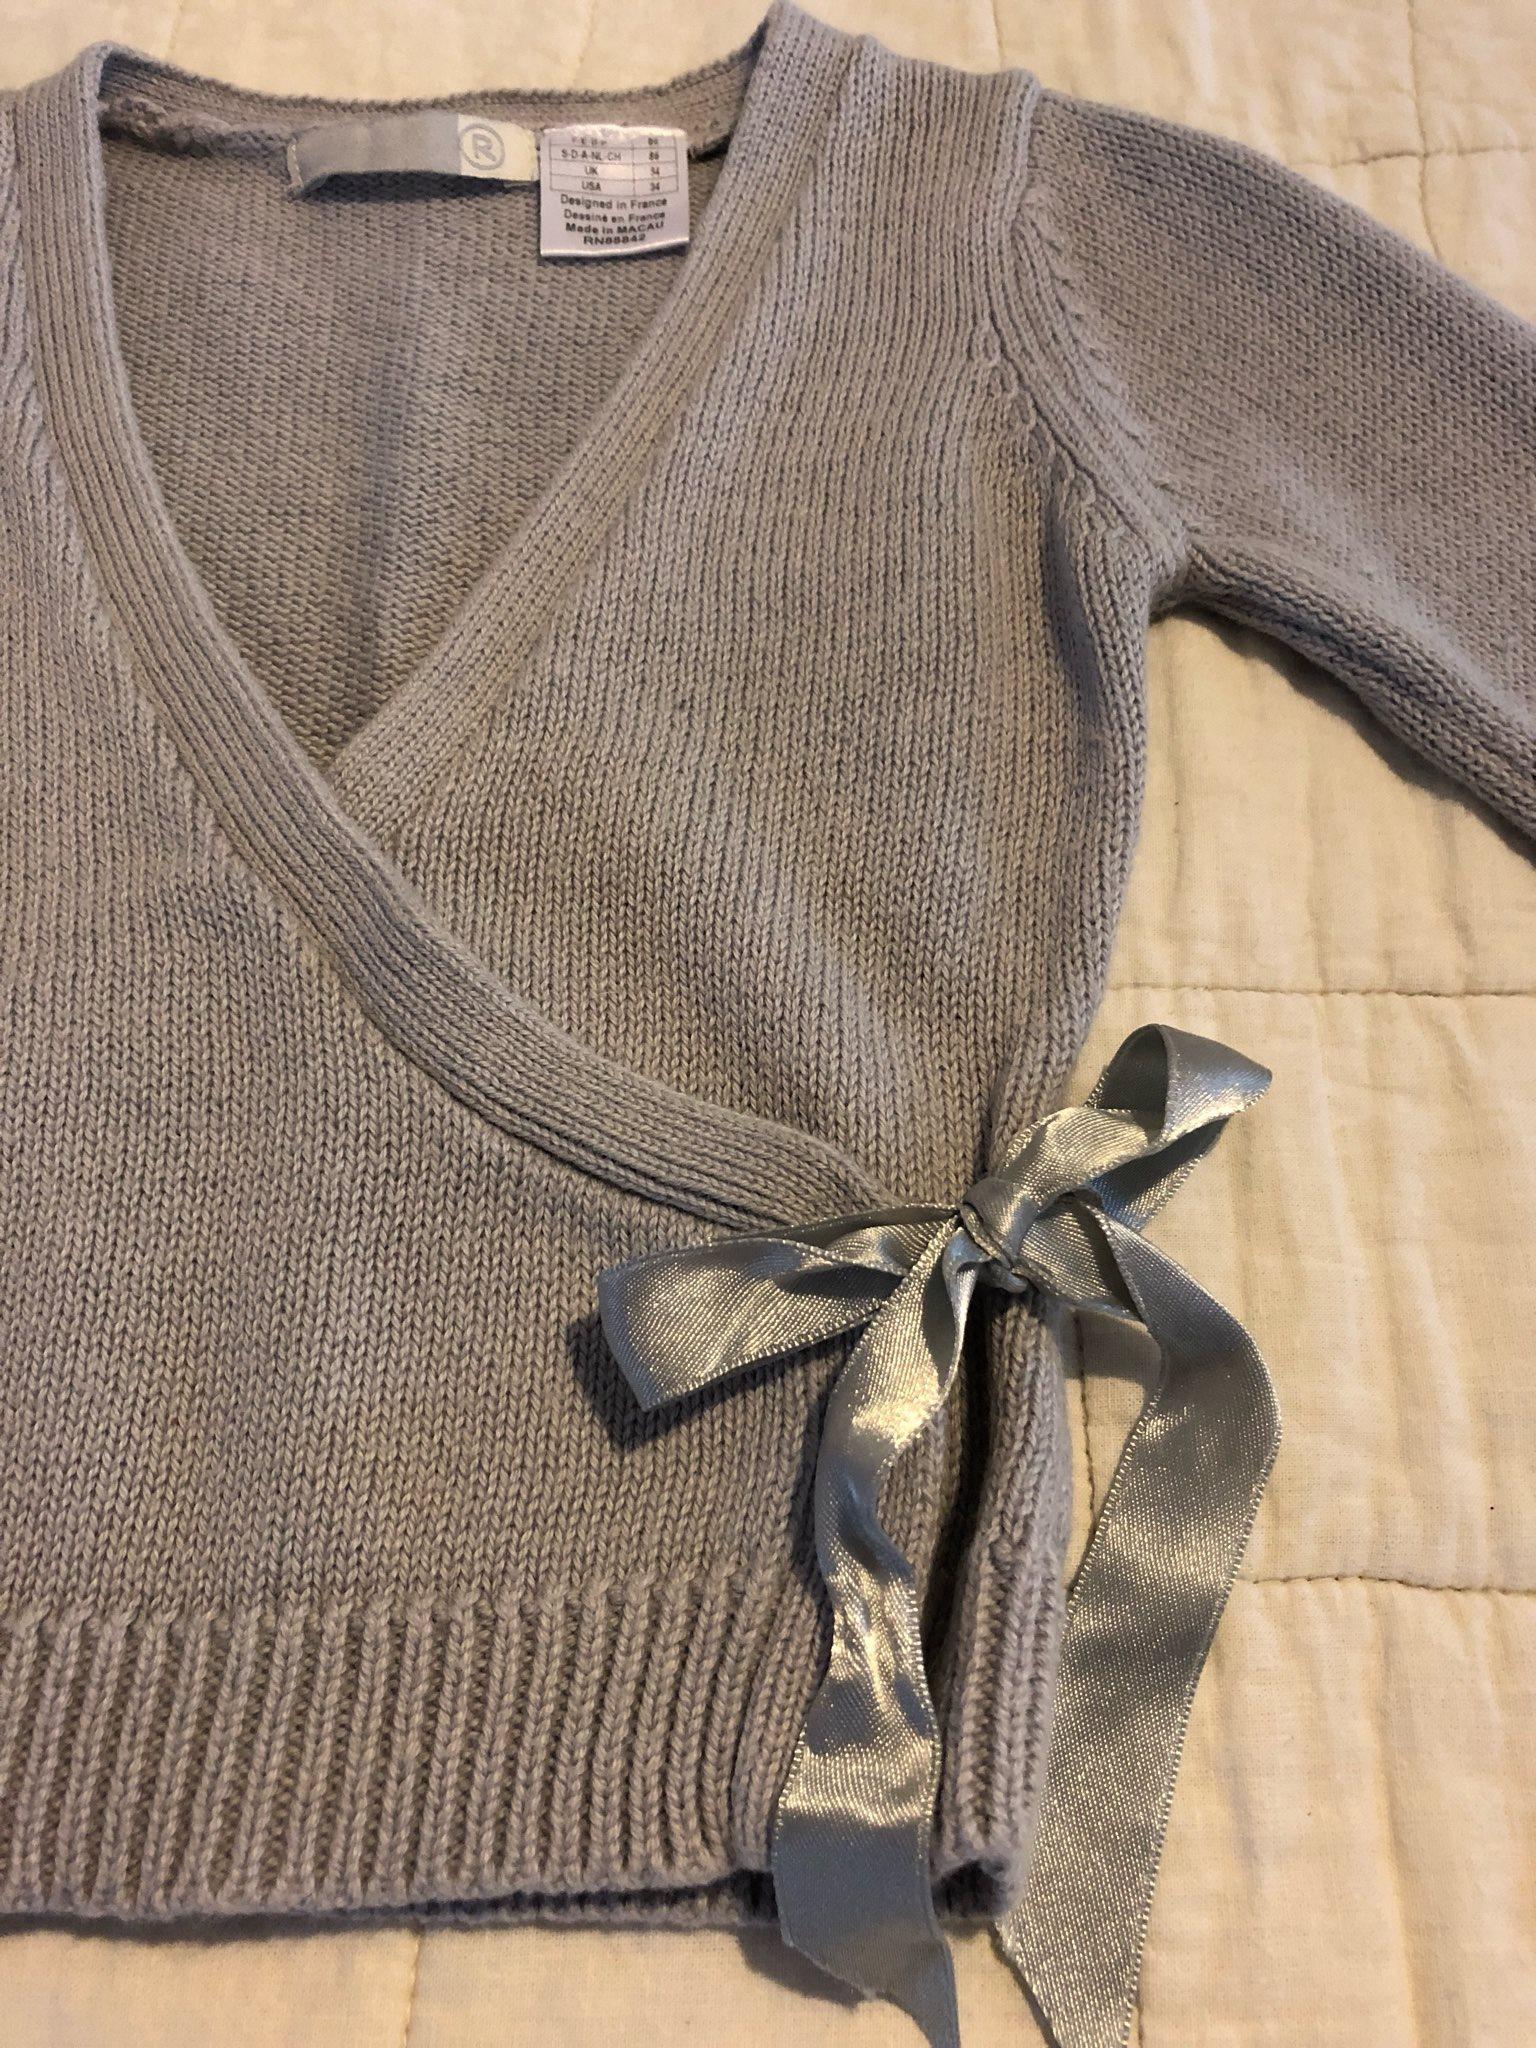 Finaste koftan till klänning o kjol! Jul nyår f.. (326996857) ᐈ Köp ... b1e7bdaa510c1